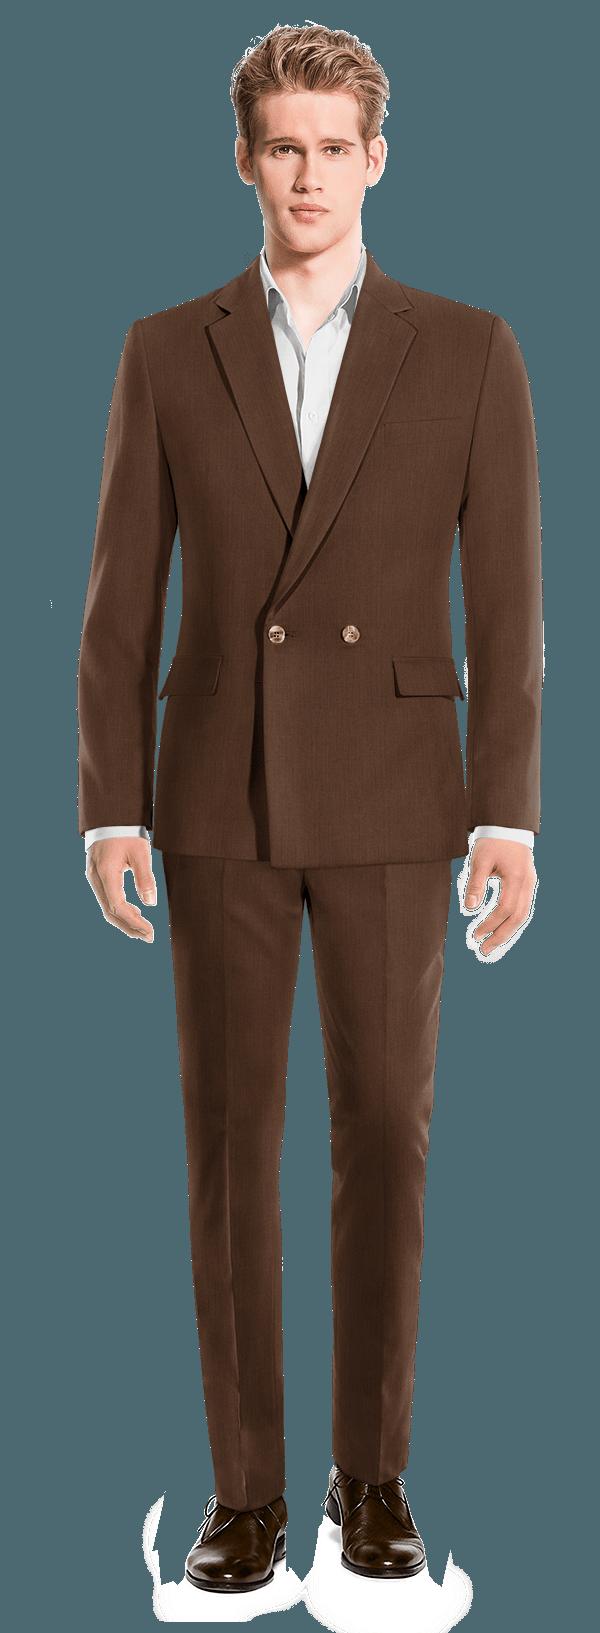 Trajes para hombre Moda Online ZARA Espaa